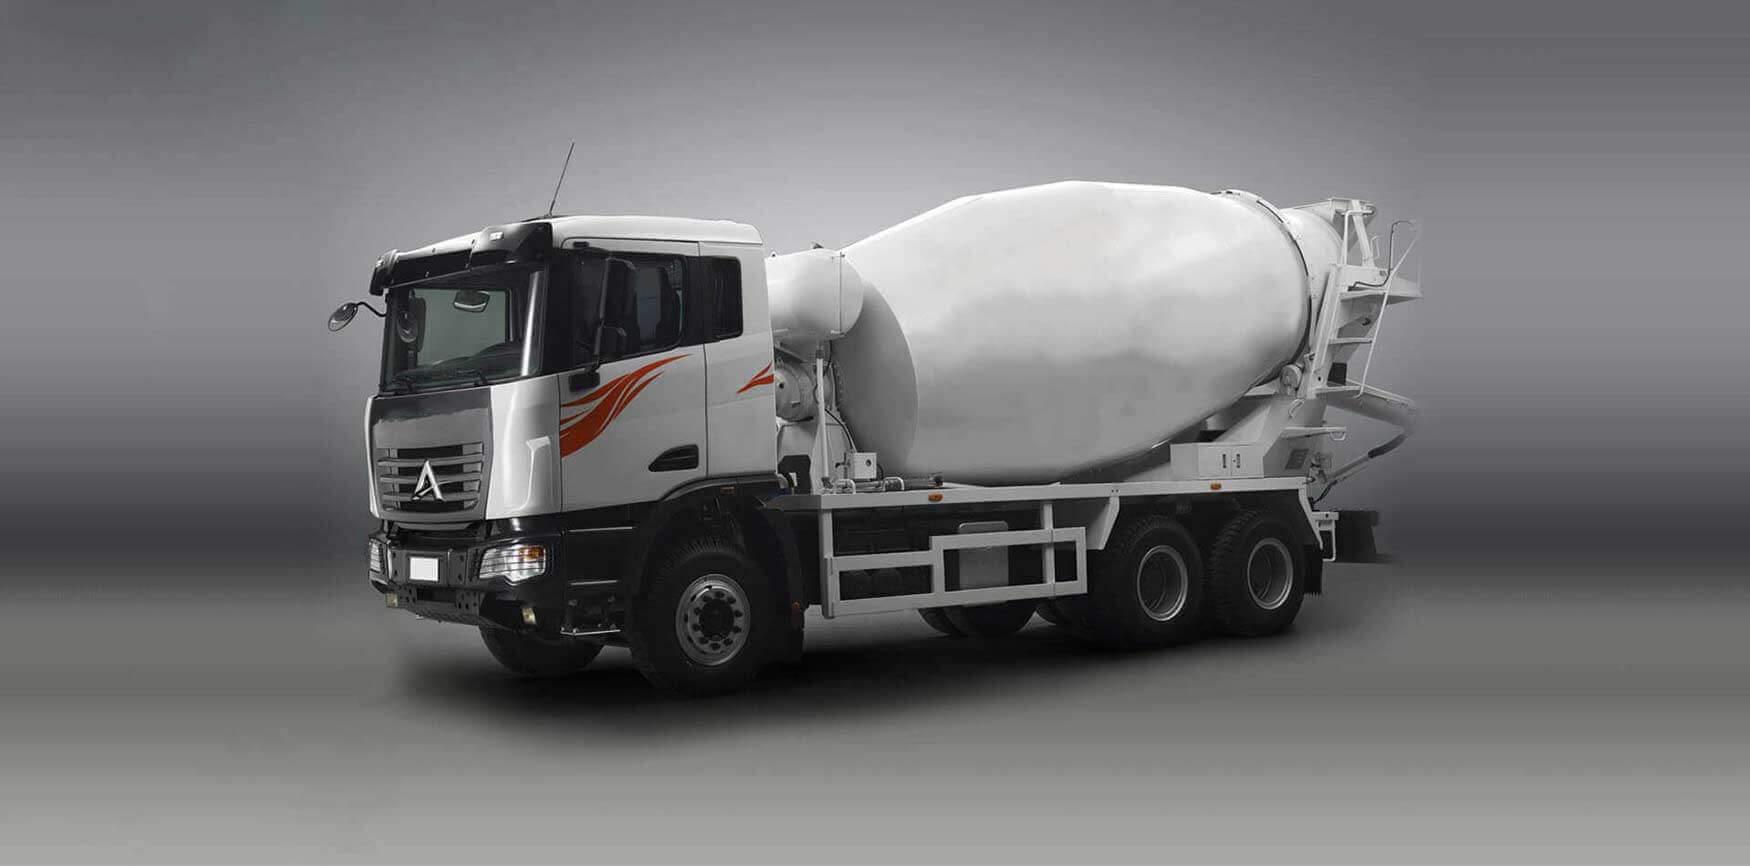 Купить бетон с доставкой в бронницах цена якутия бетон